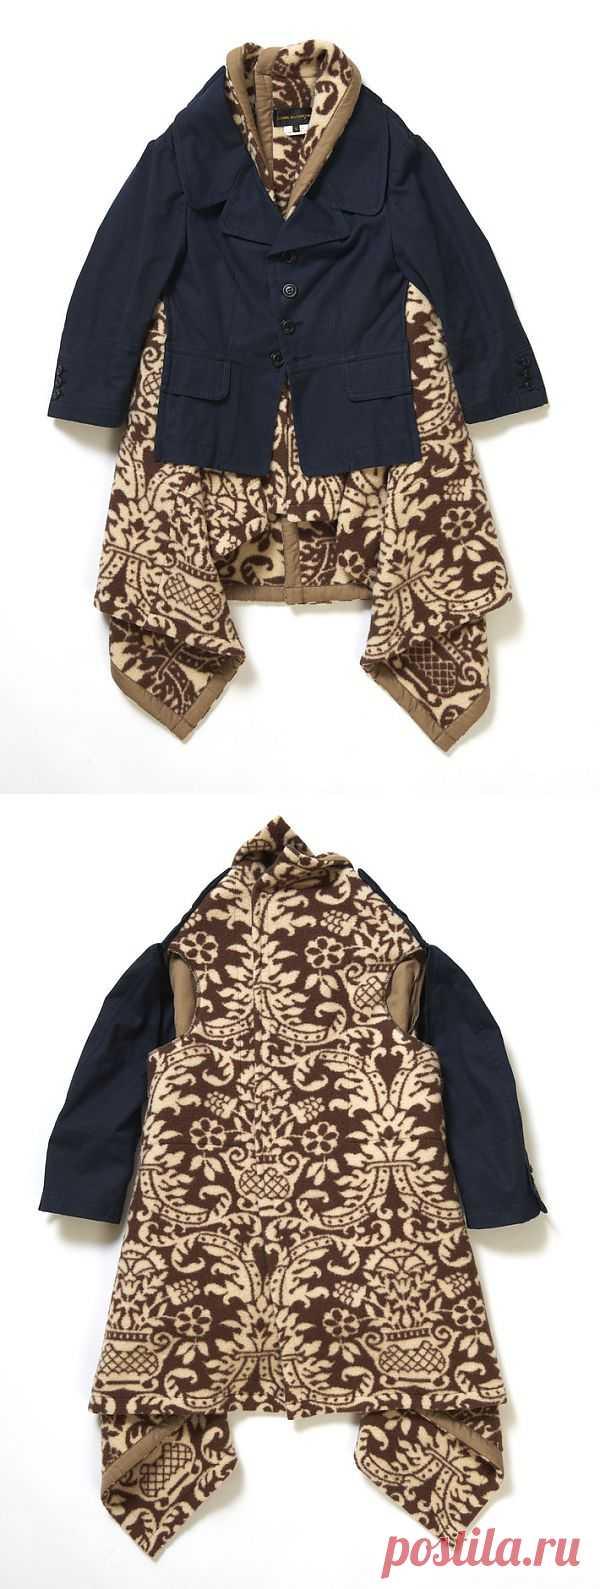 Жакет + одеяло = нечто / Вещь / Модный сайт о стильной переделке одежды и интерьера